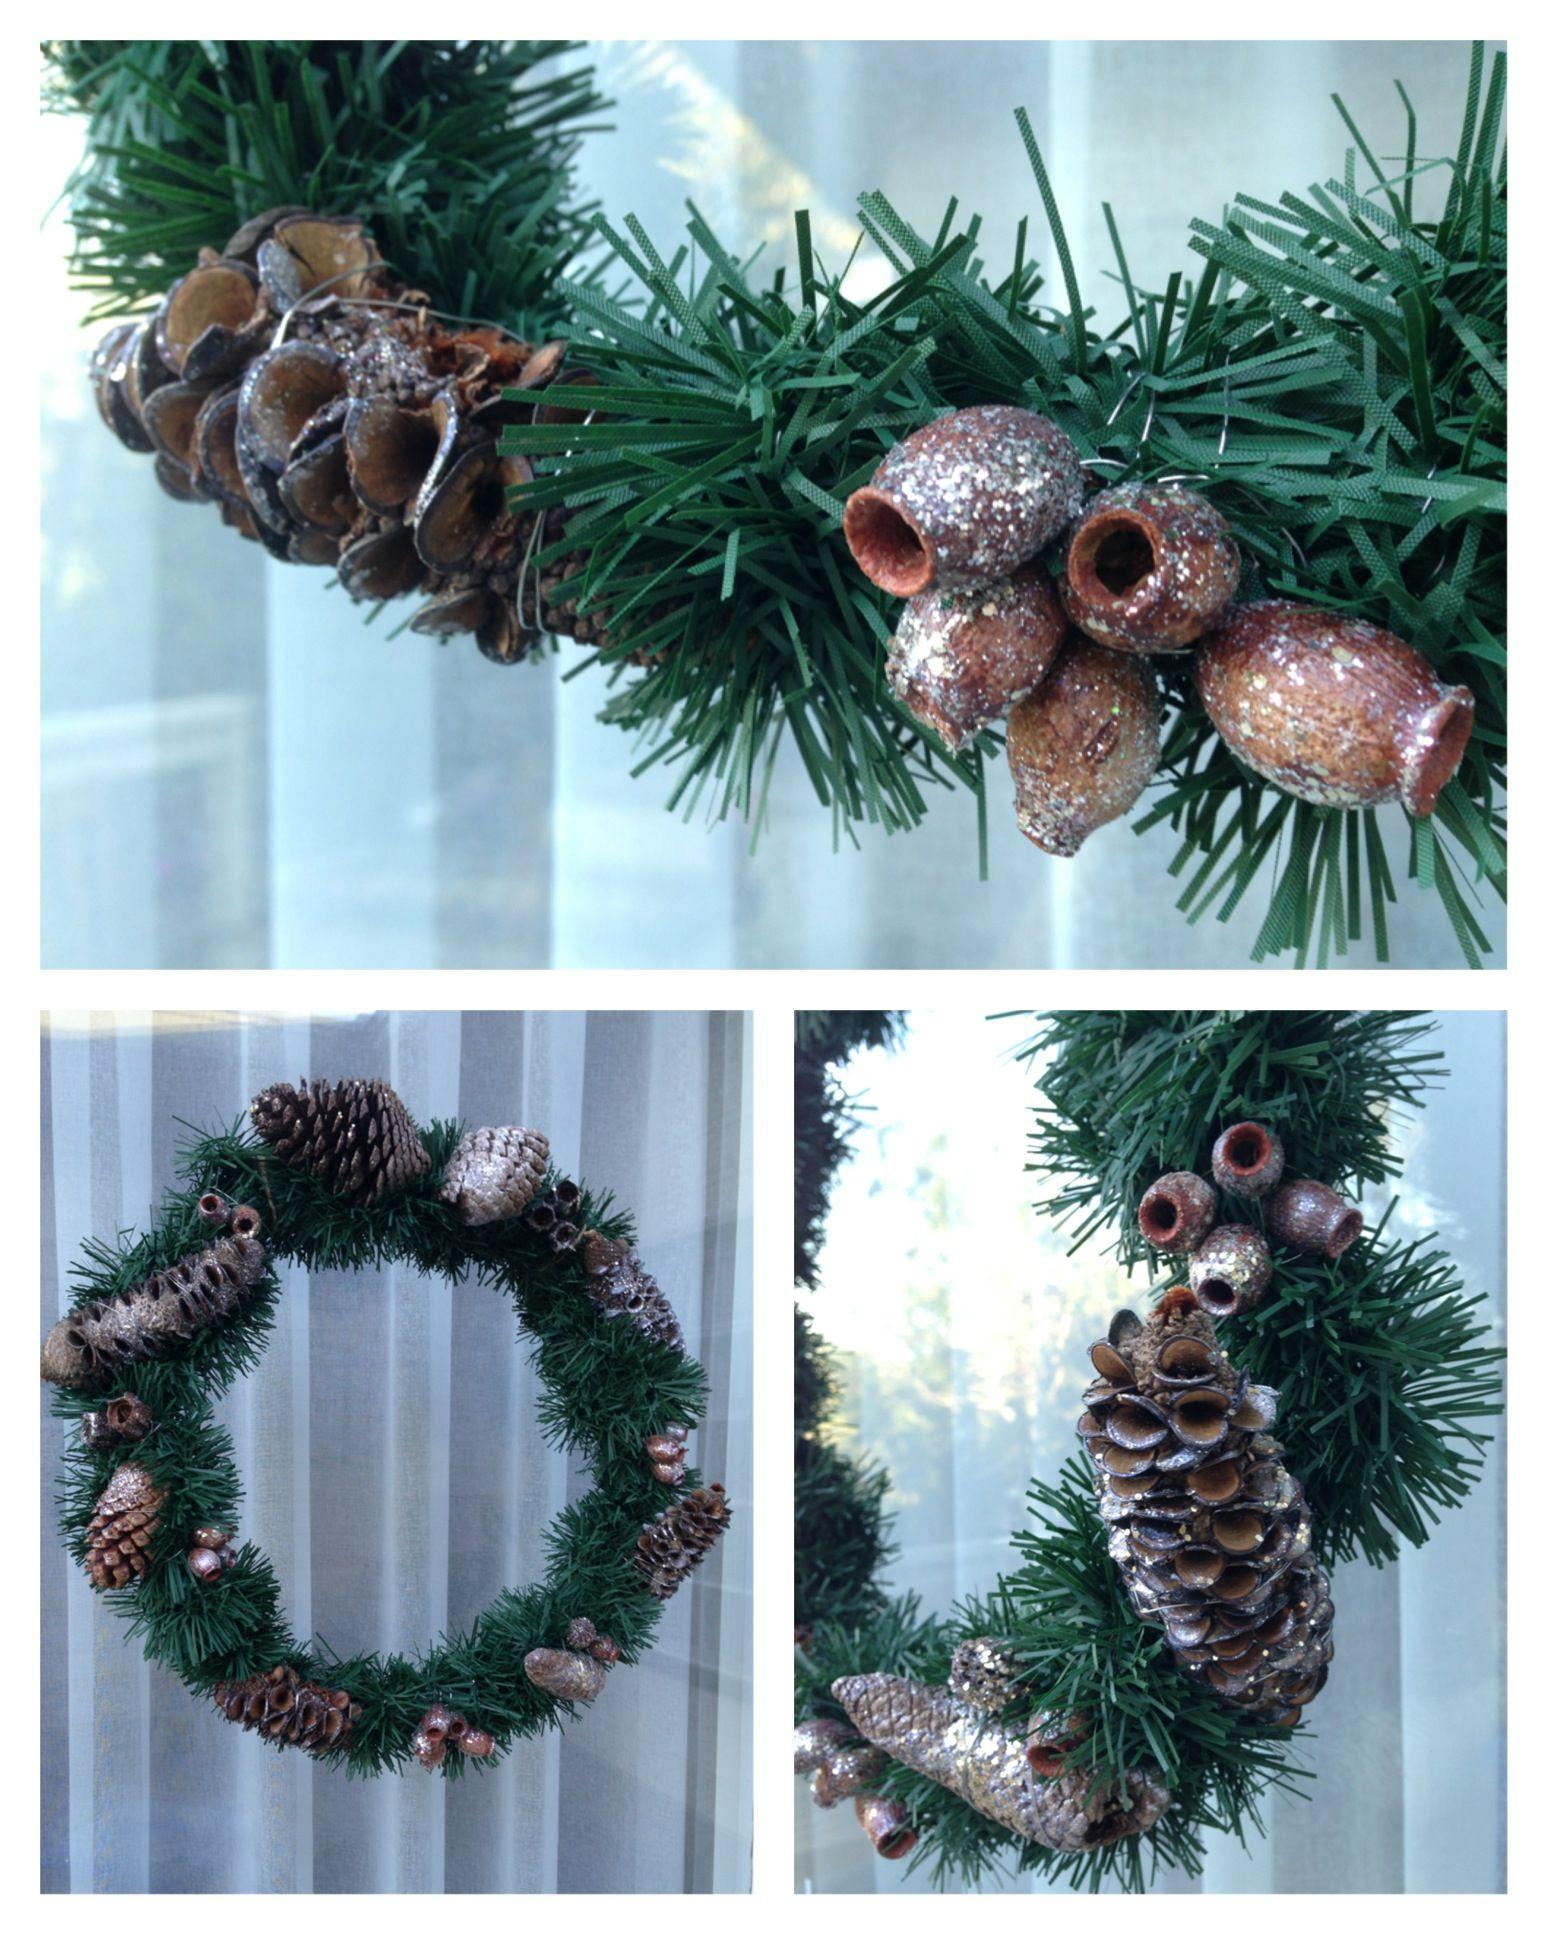 Australian Christmas Wreath So Much Fun To Make Glitter Glue,